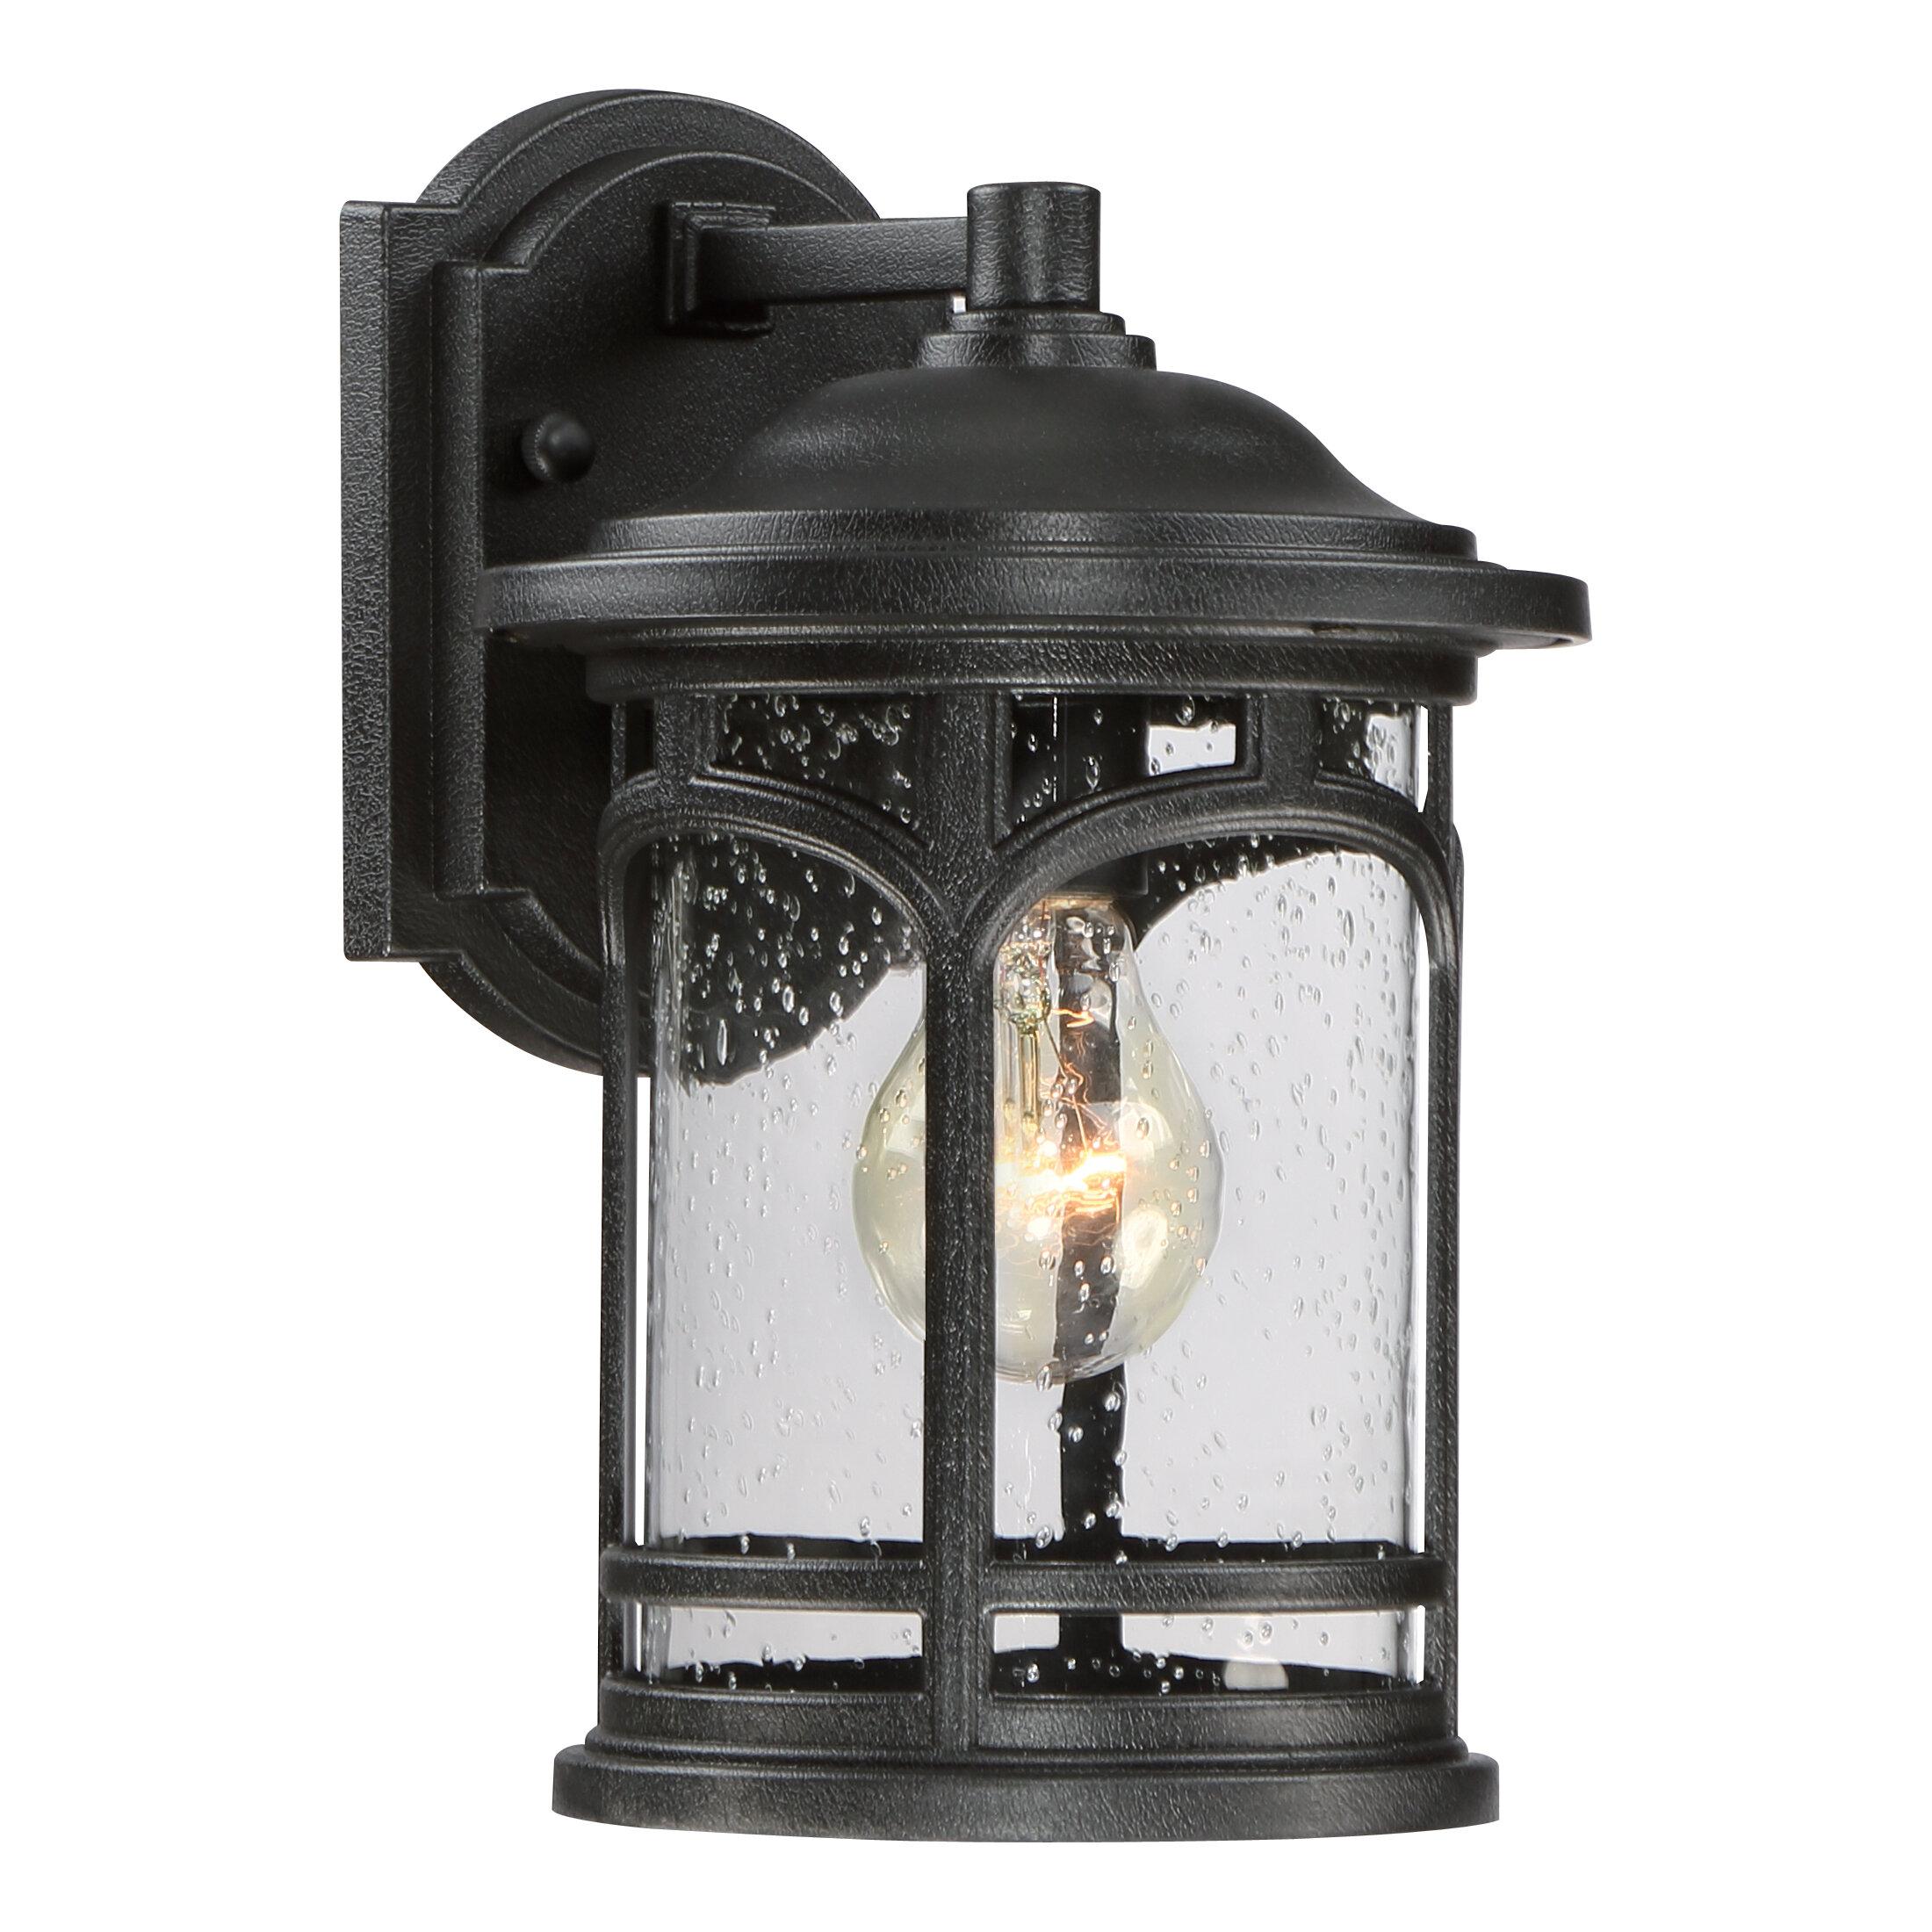 Longshore Tides Sheppard 1 Light Outdoor Wall Lantern Reviews Wayfair